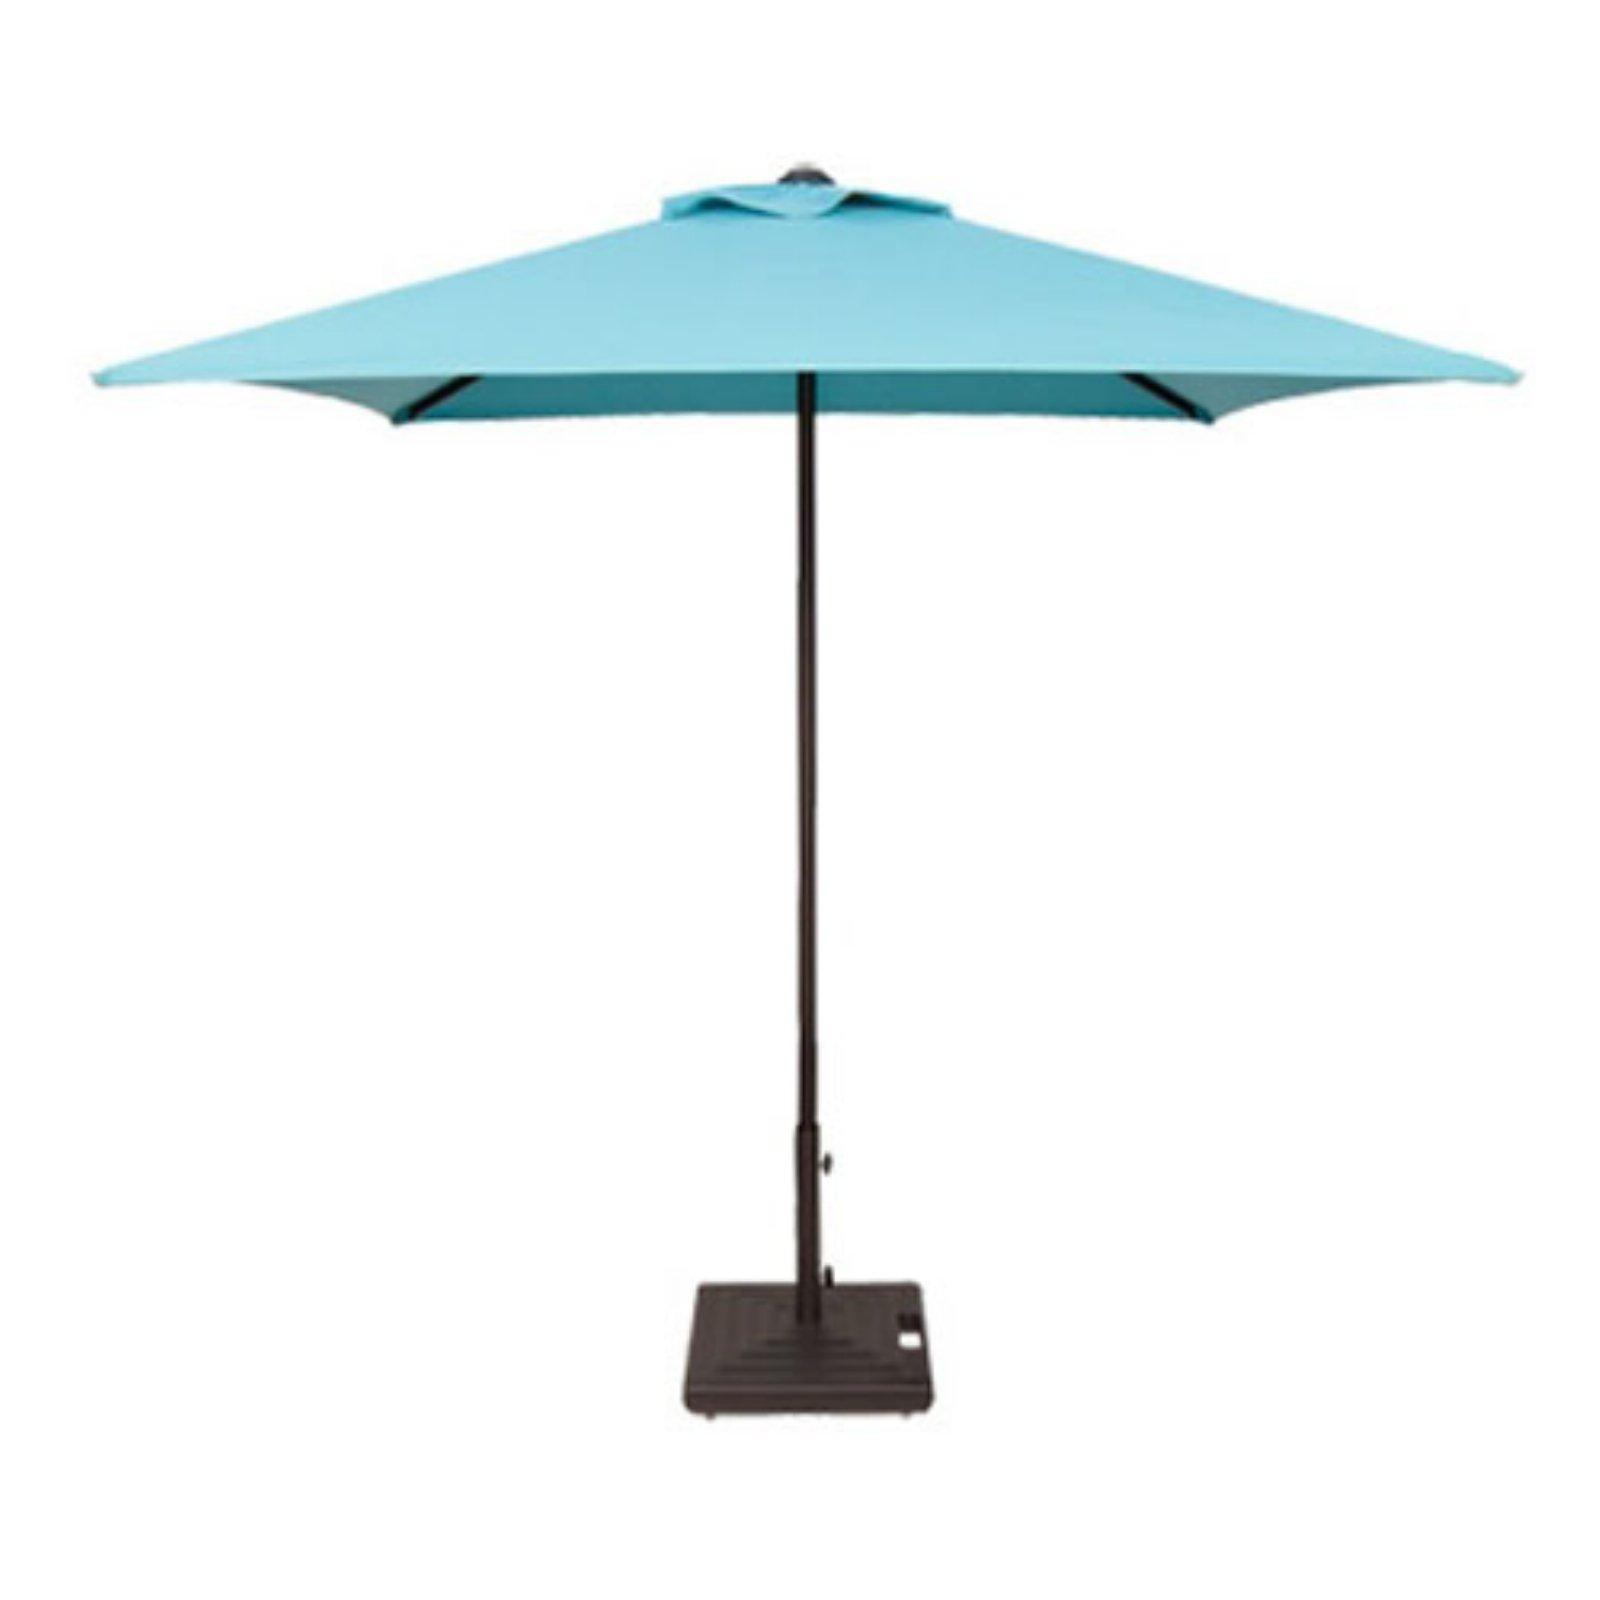 Treasure Garden 7 Ft O Bravia Square Commercial Patio Umbrella